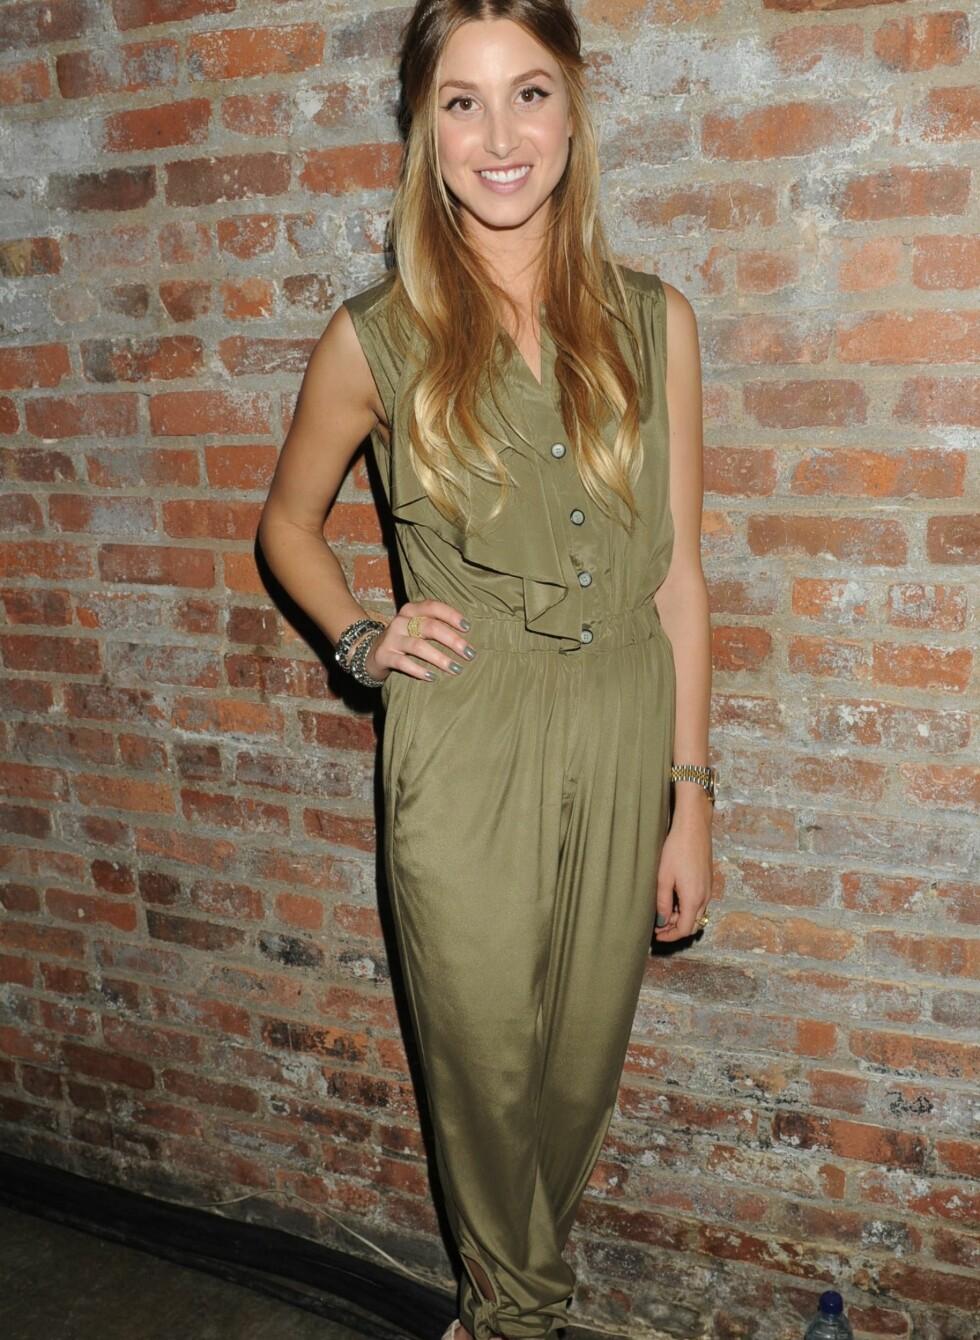 Whitney Port i dus militærgrønn buksedress på lanseringen av sin egen sommerkolleksjon under høstens New York Fashion Week. Foto: All Over Press